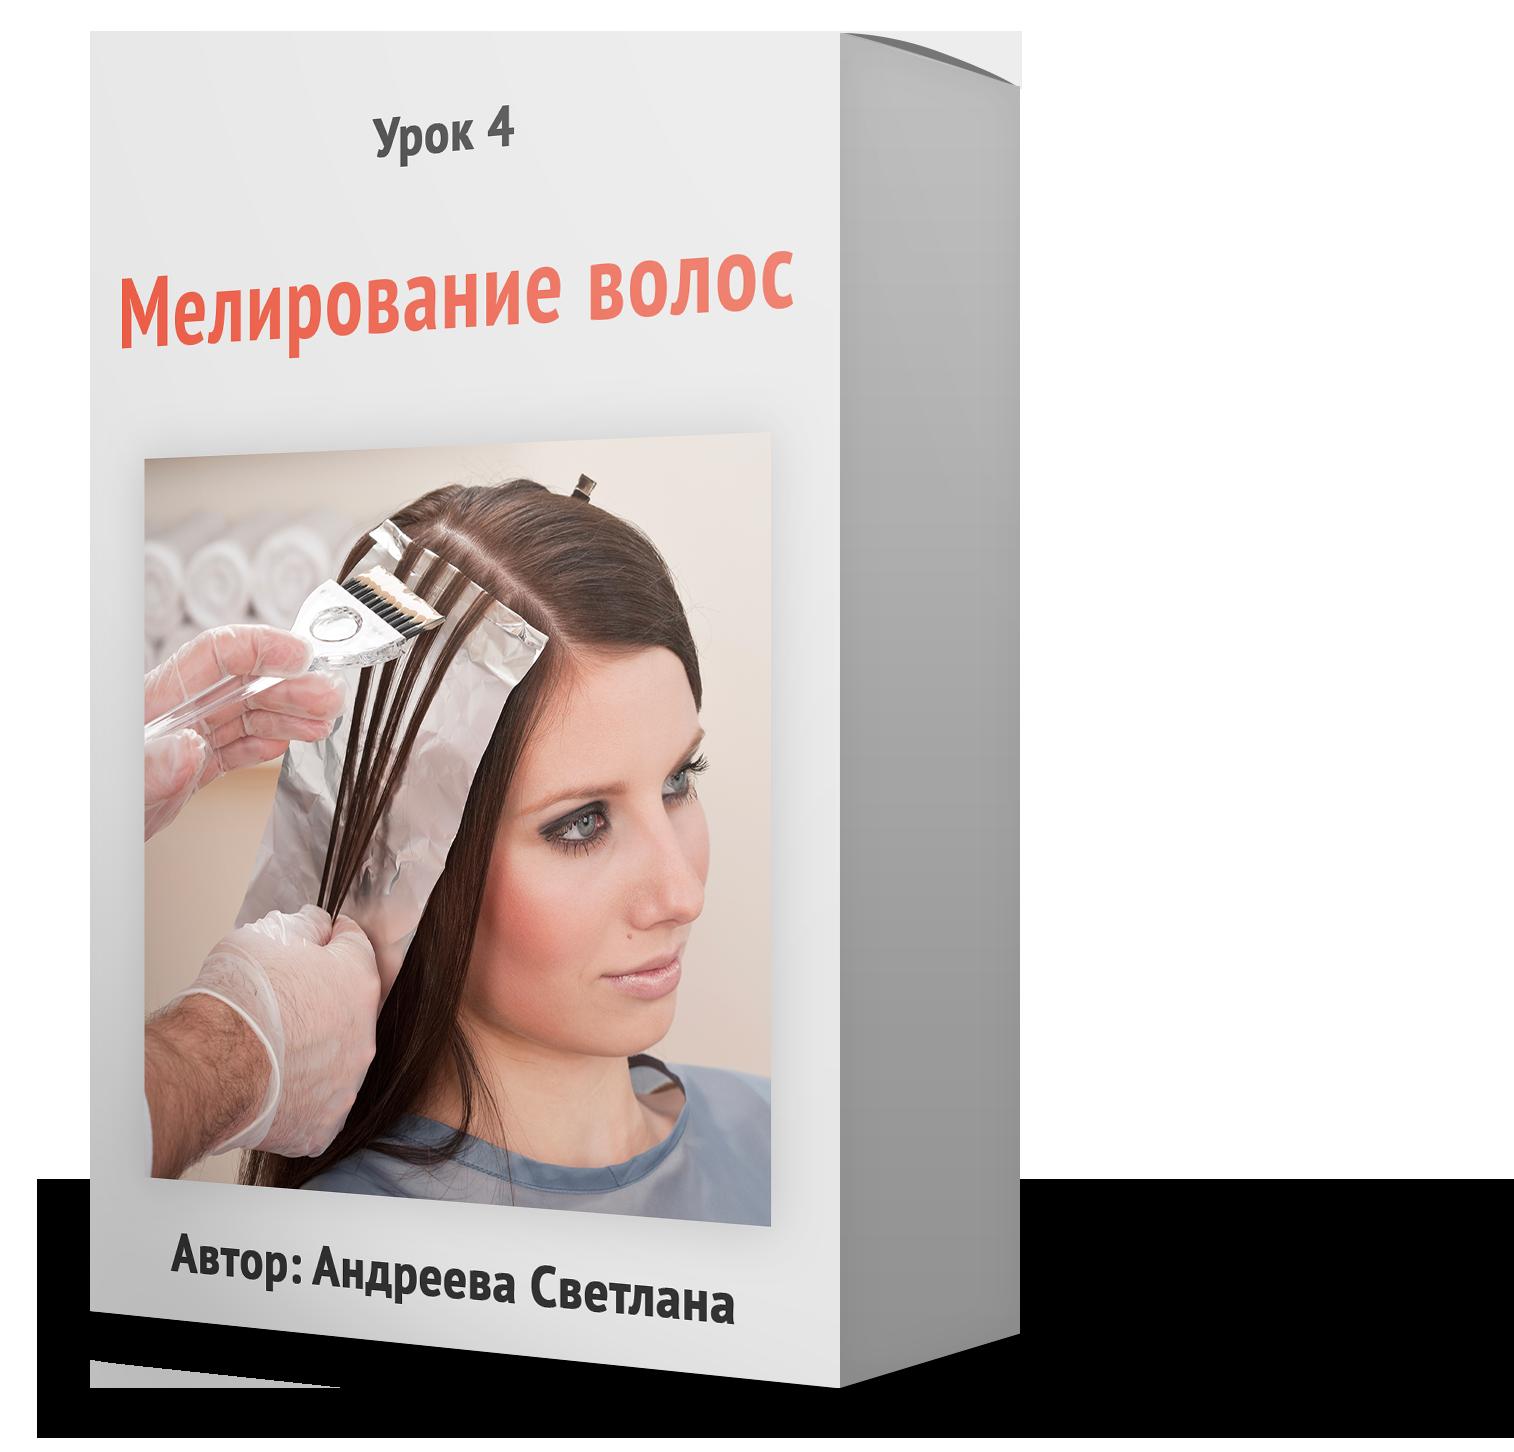 Инструкция по мелированию волос